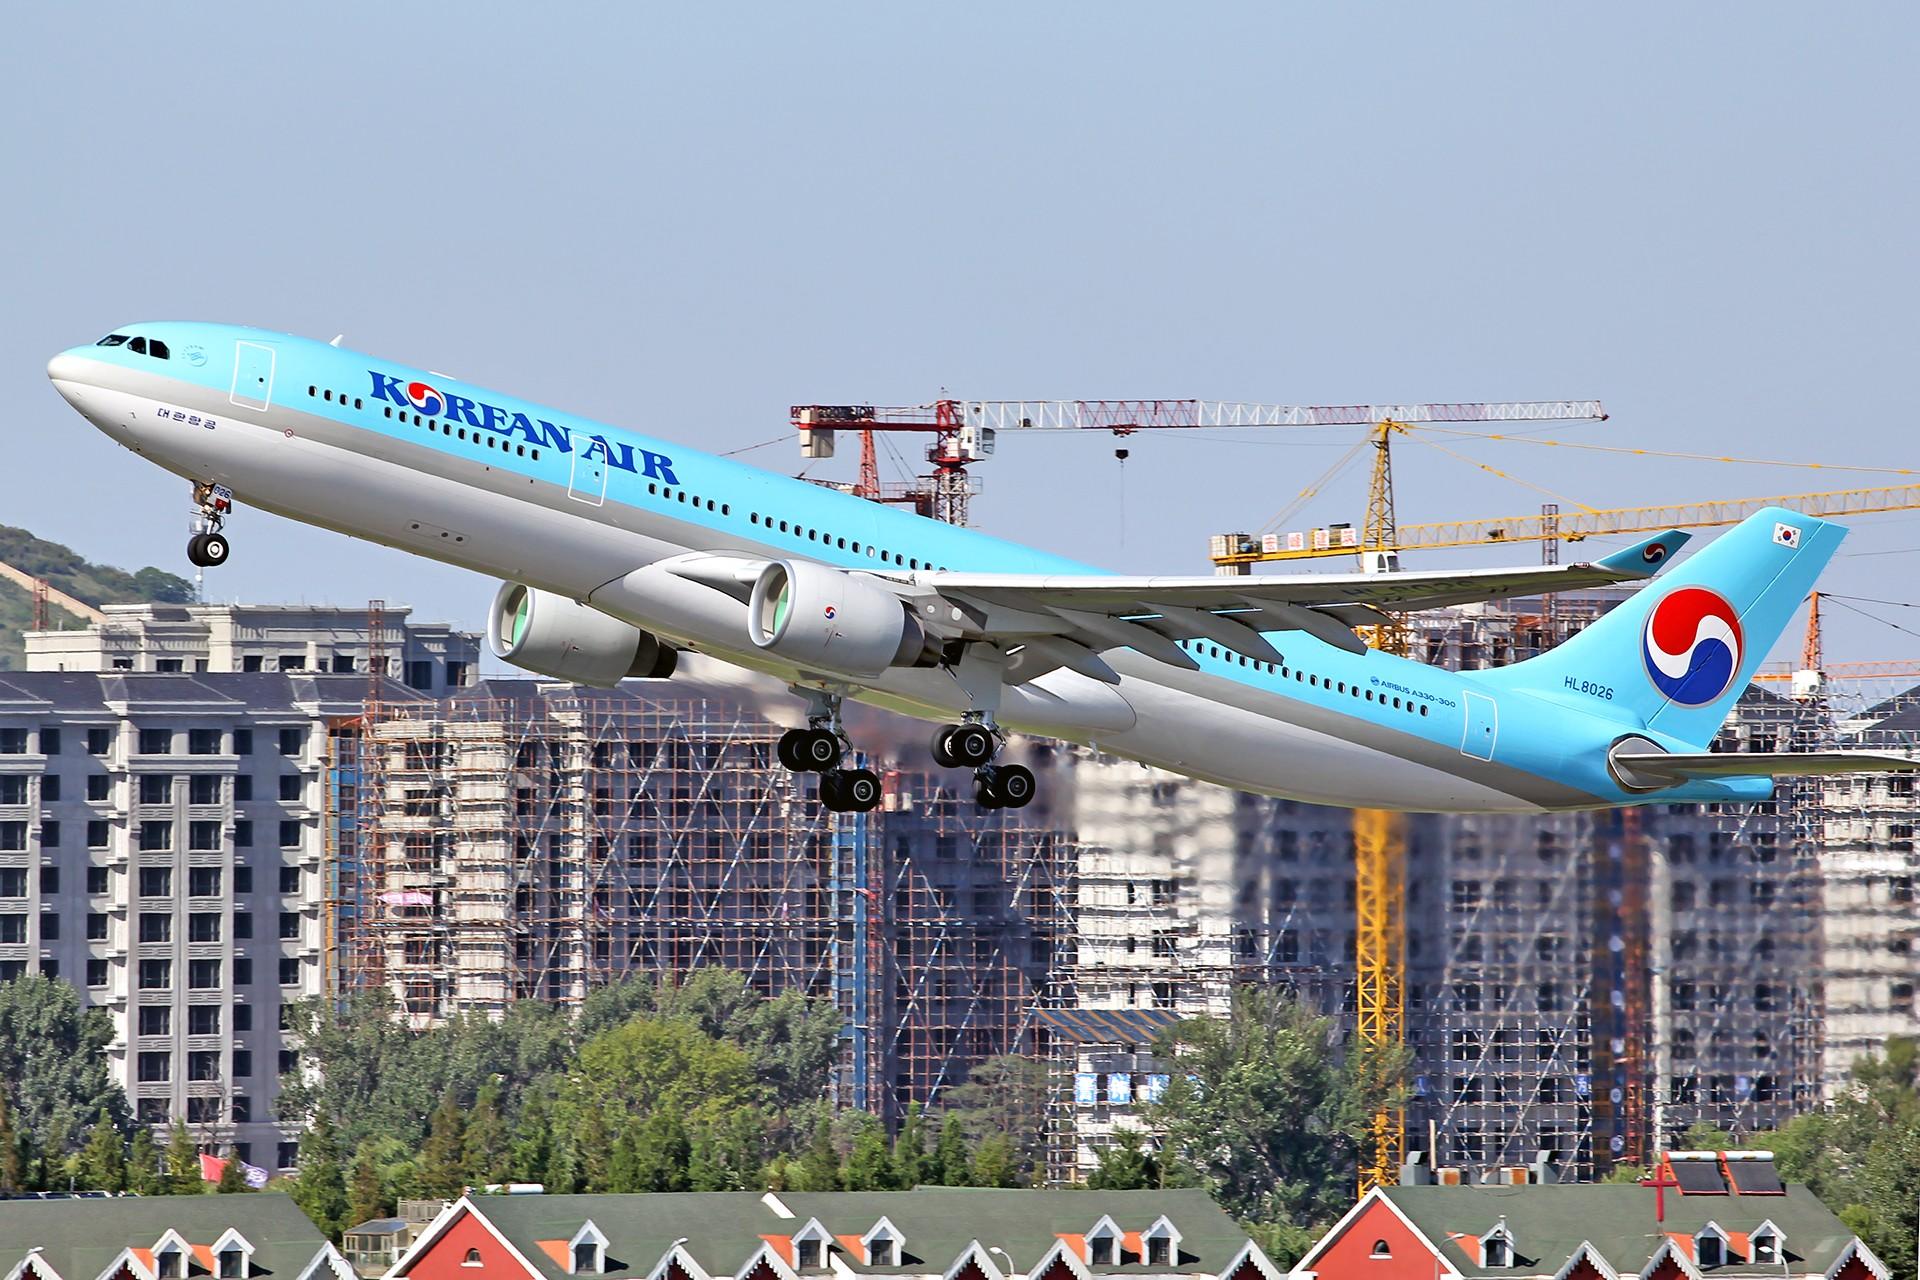 Re:[原创][DLC]。。。皇军与美女。。。 AIRBUS A330-300 HL8206 中国大连国际机场